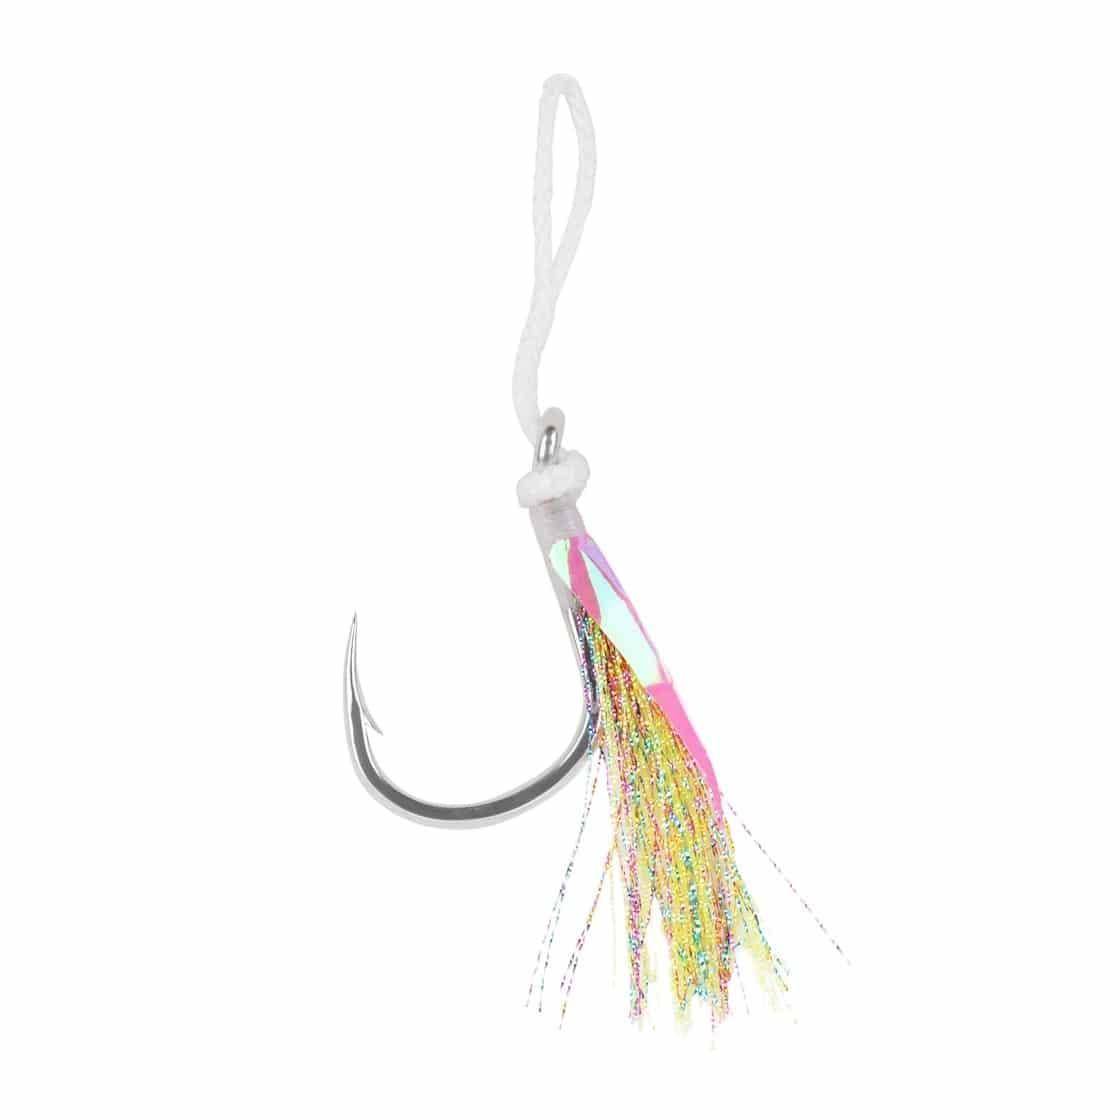 Capt Jay Fishing Assist Hooks #1//0 3 Piece Jigging Slow Fast Jigs Fishing Hooks